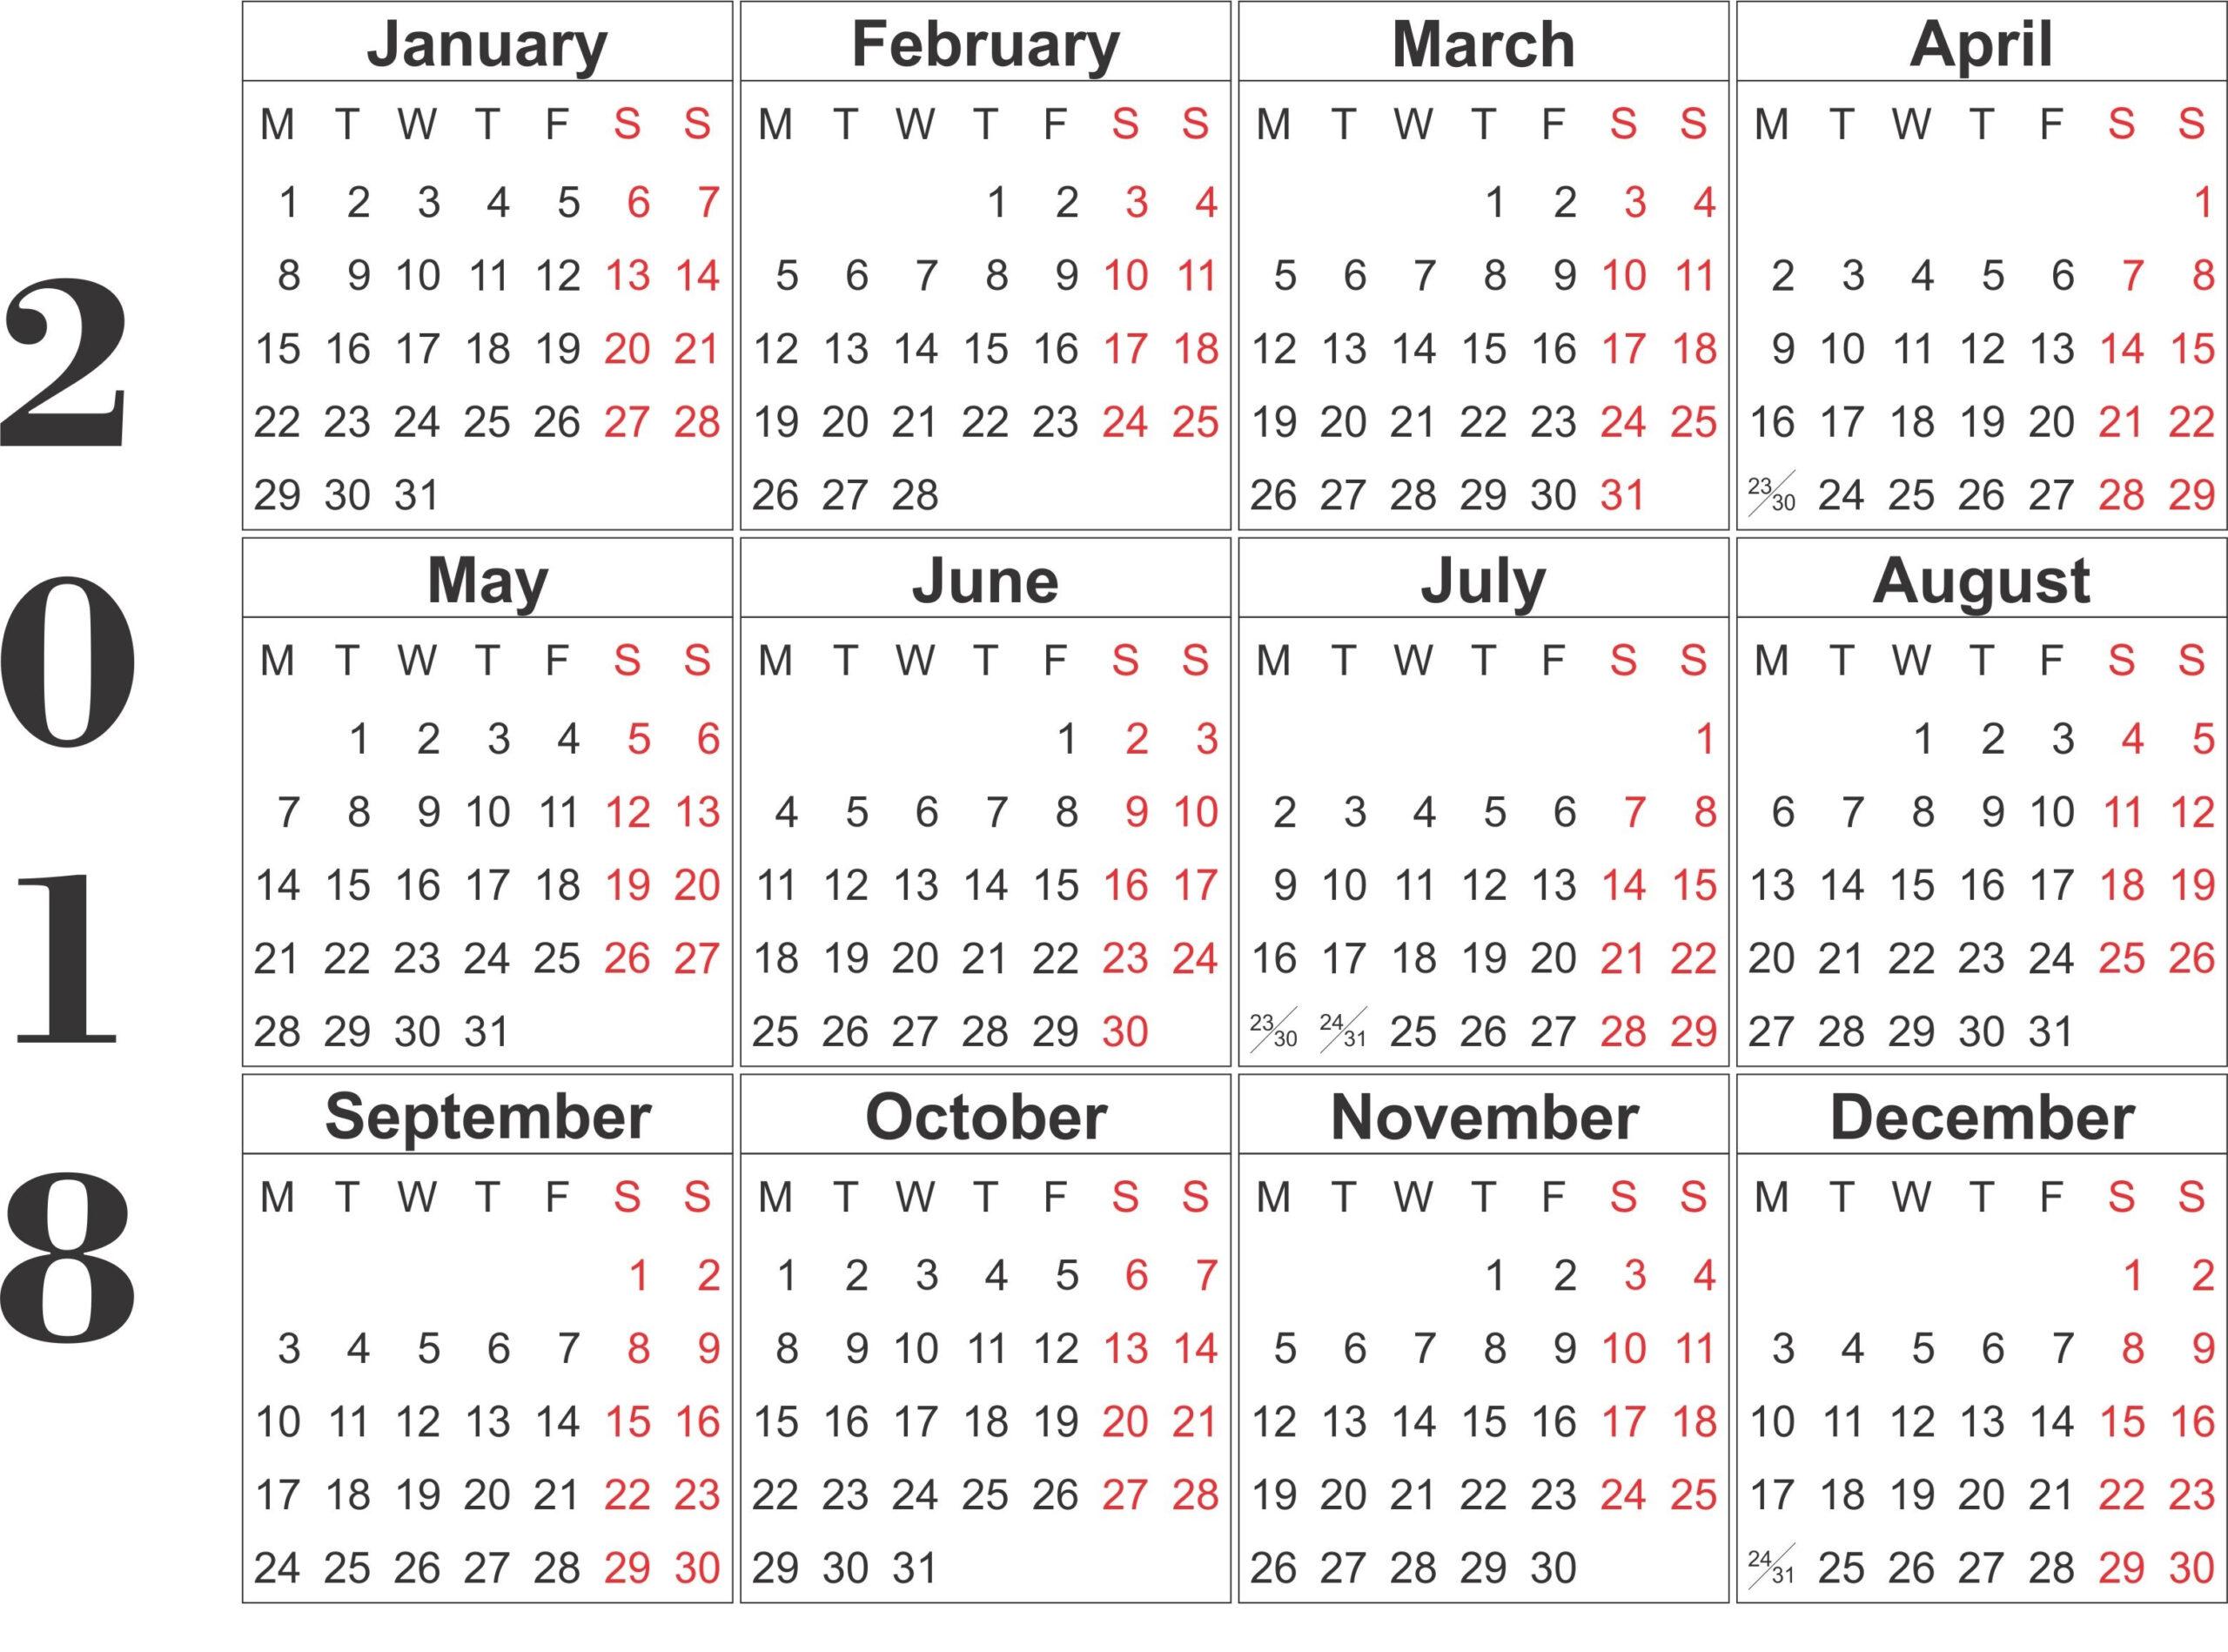 Blank 12 Month Calendar Printable :Free Calendar Template pertaining to Blank 12 Month Calendar